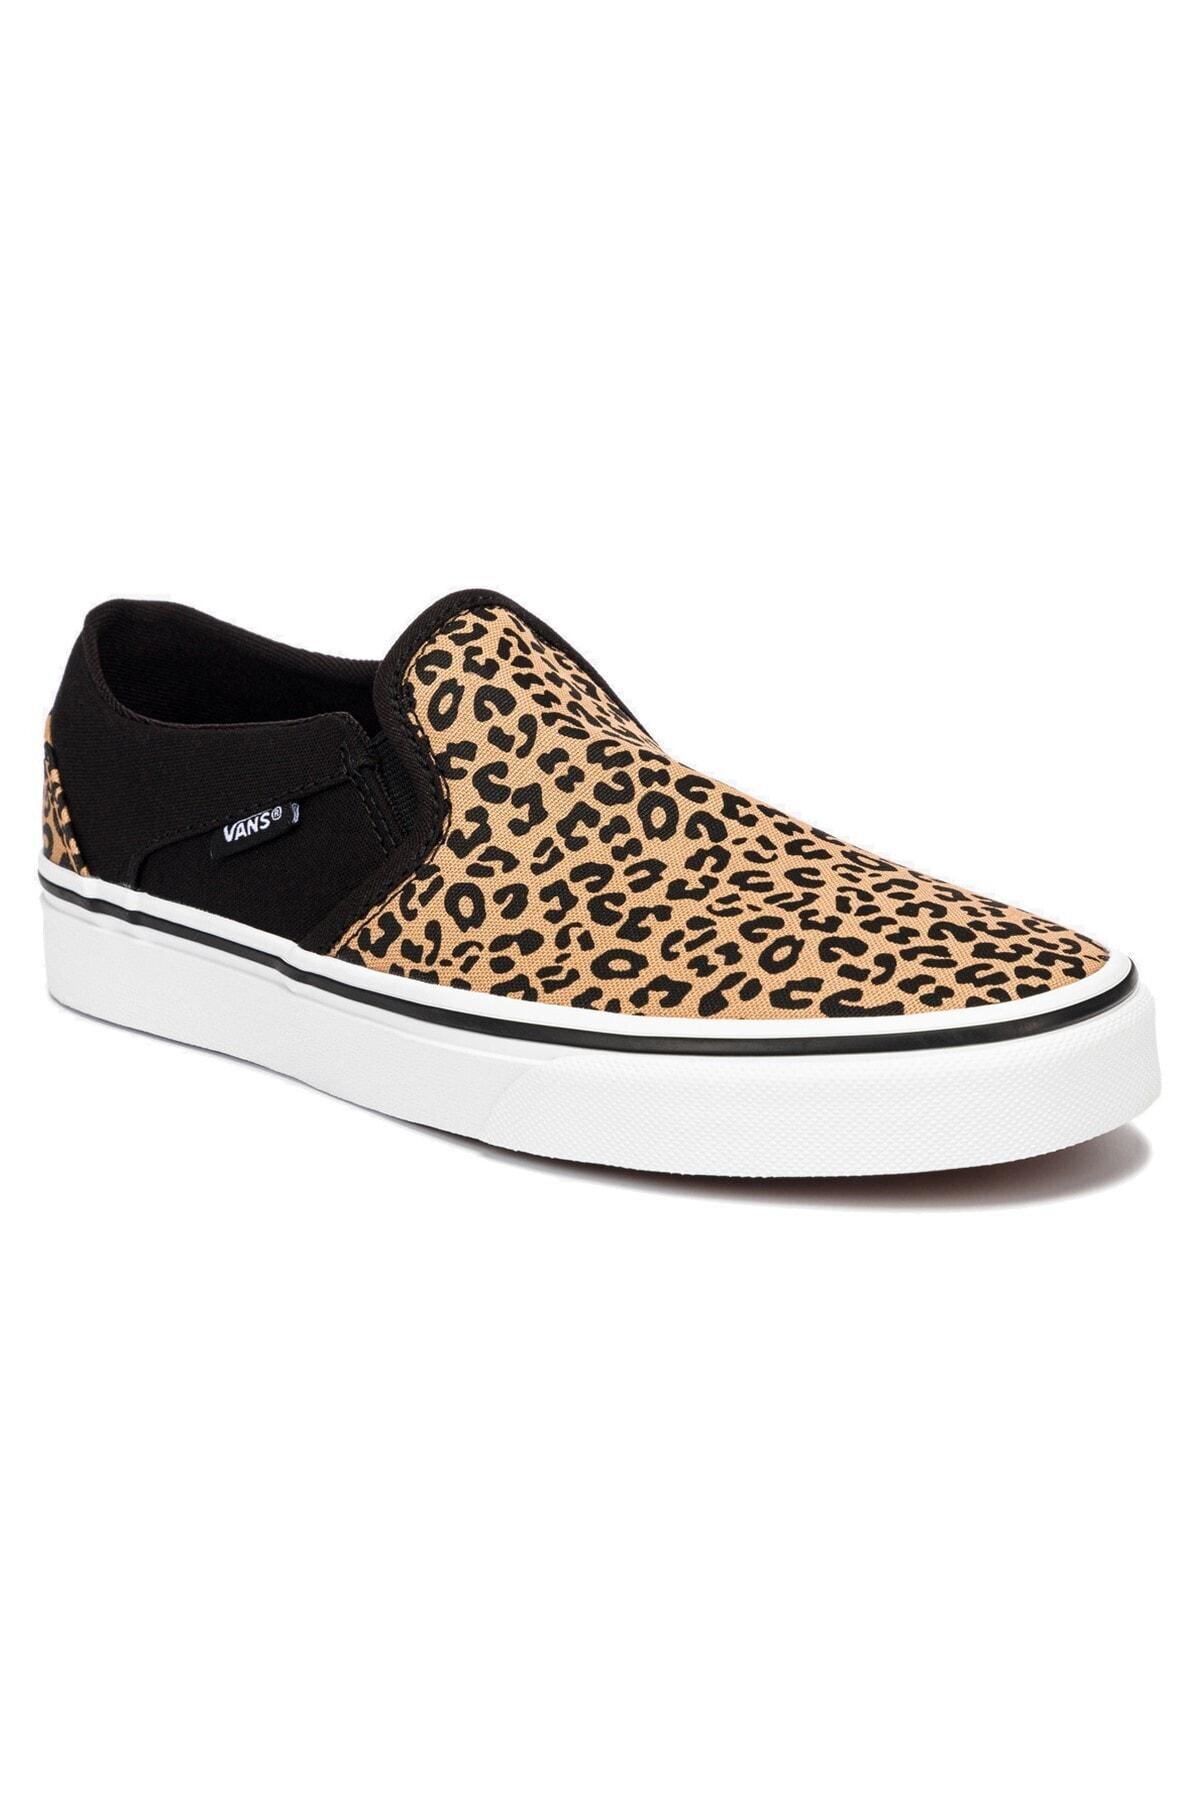 Vans WM ASHER Siyah Kadın Sneaker Ayakkabı 101096580 2